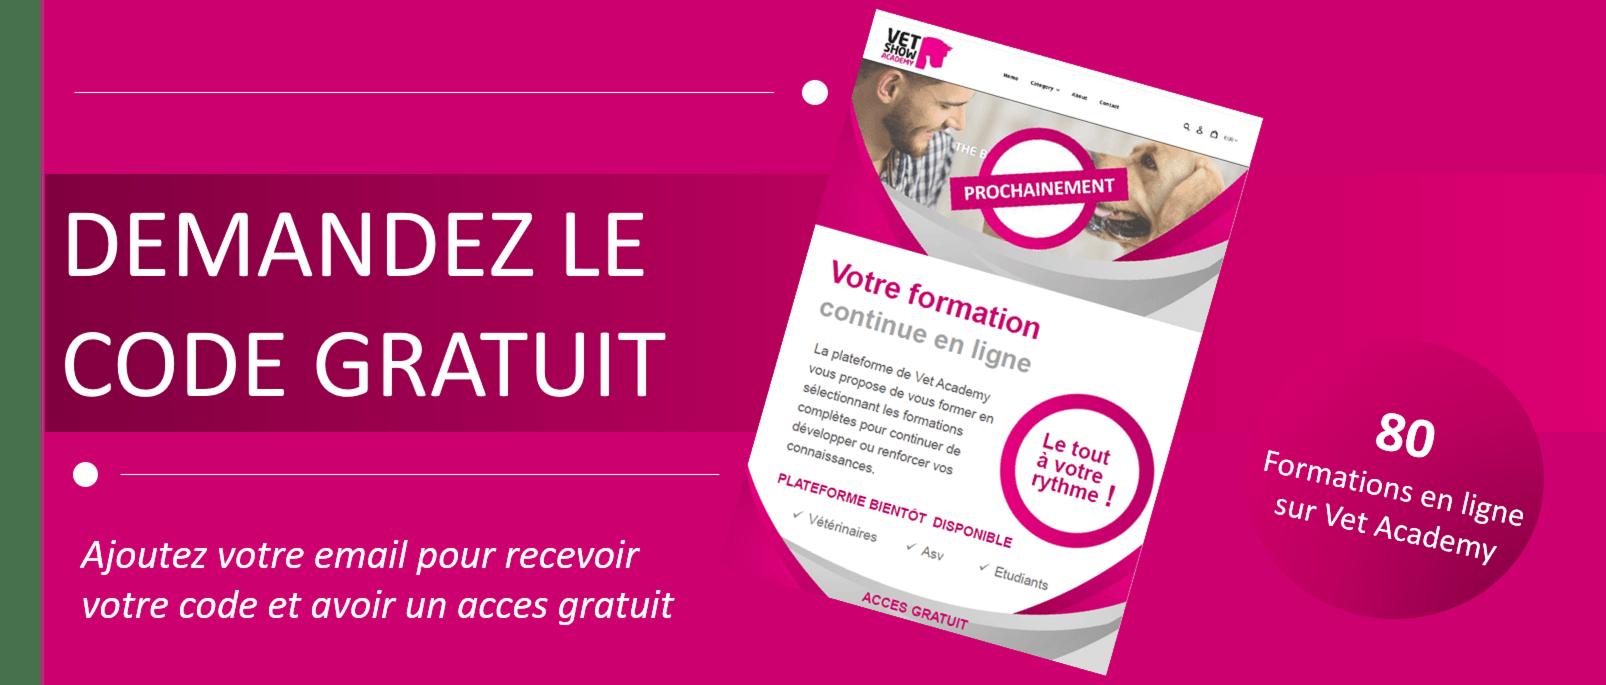 Vet Academy - Plateforme e-learning France Vet